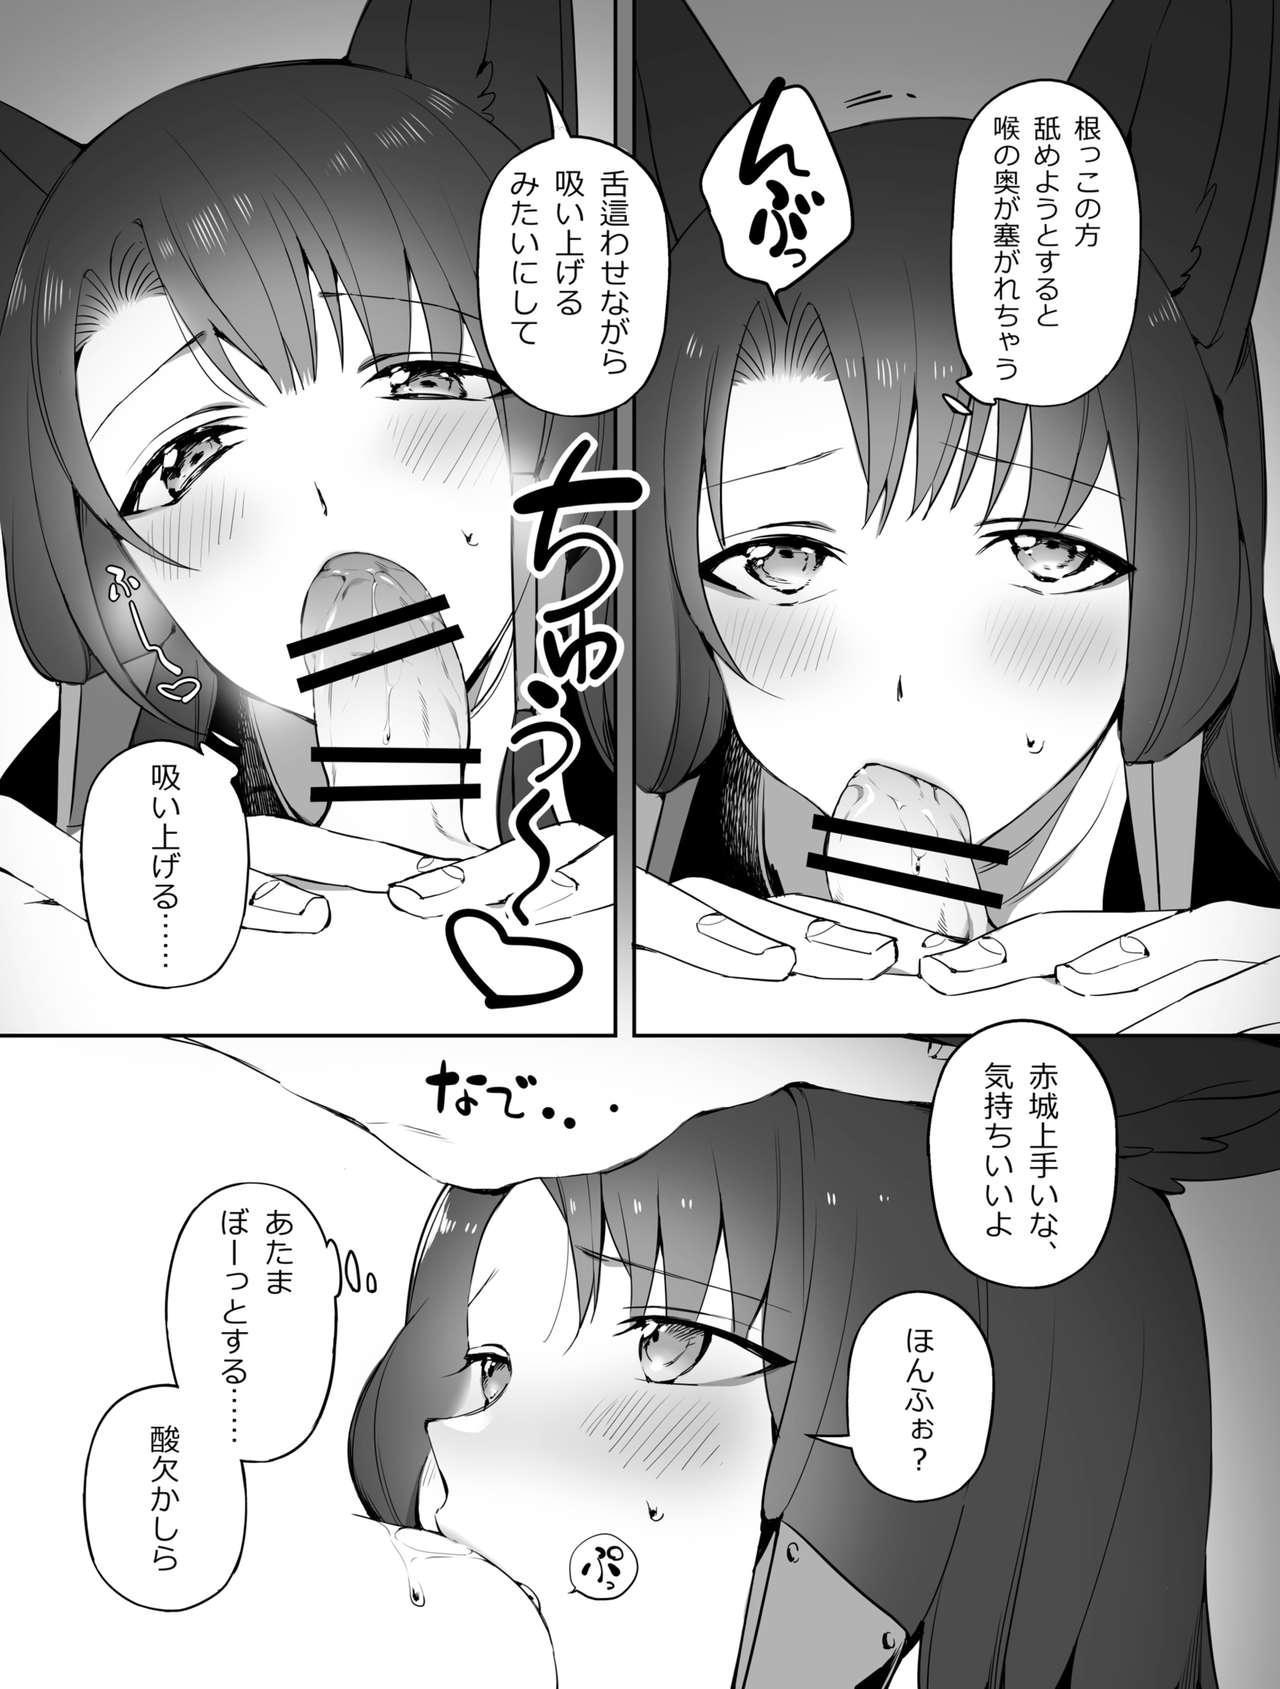 Akagi ni Ochinpo Shaburaseru Hon 10